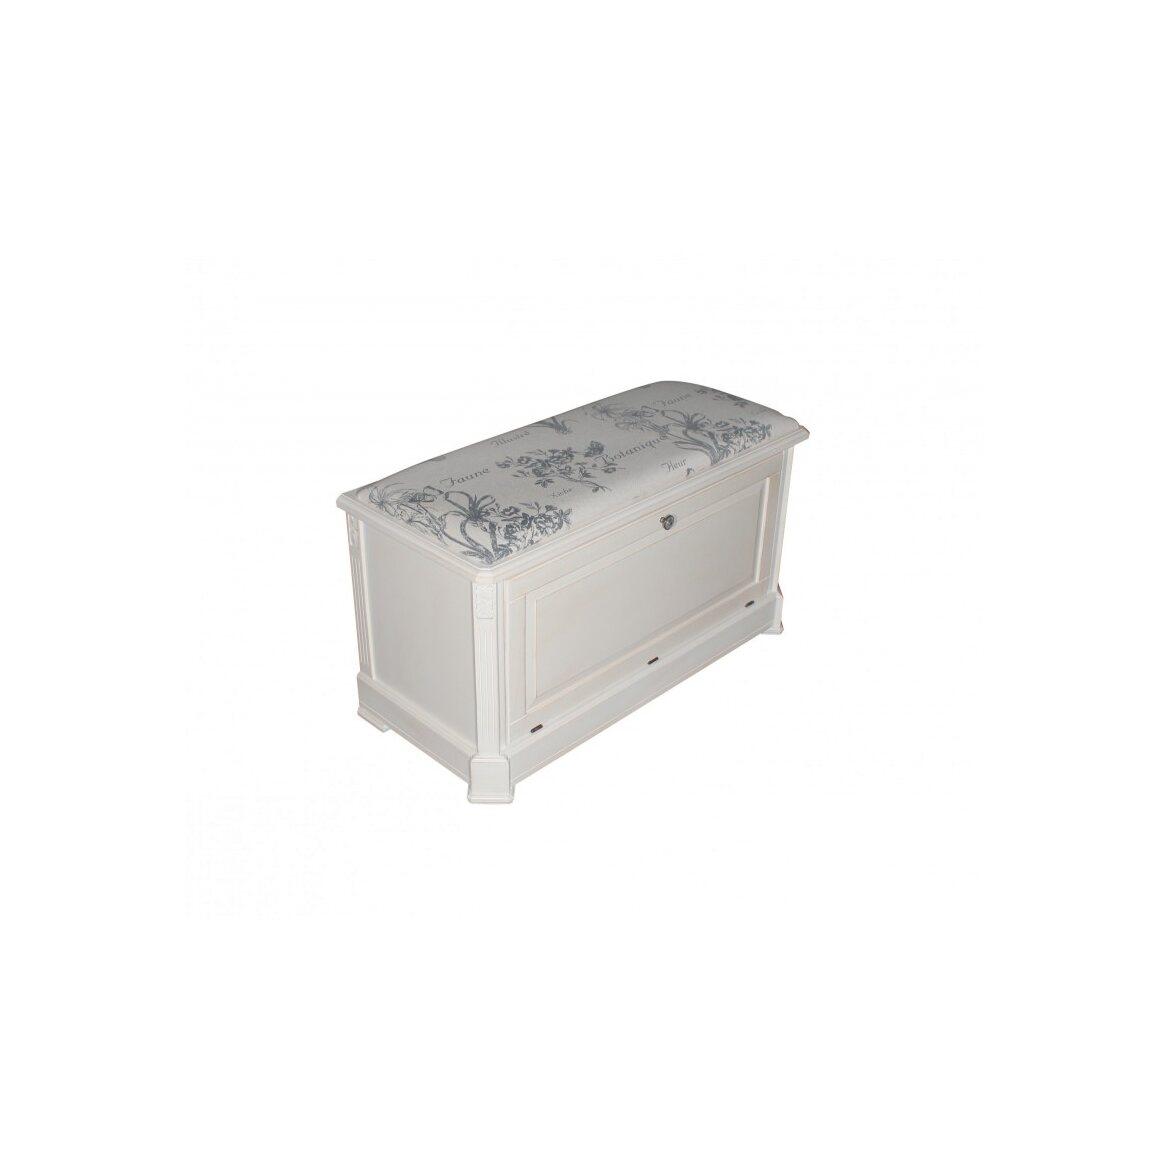 Ящик — сундук — пуфик с мягким сиденьем белый с гобеленовой тканью ST9393 А(белый) | Пуфы Kingsby